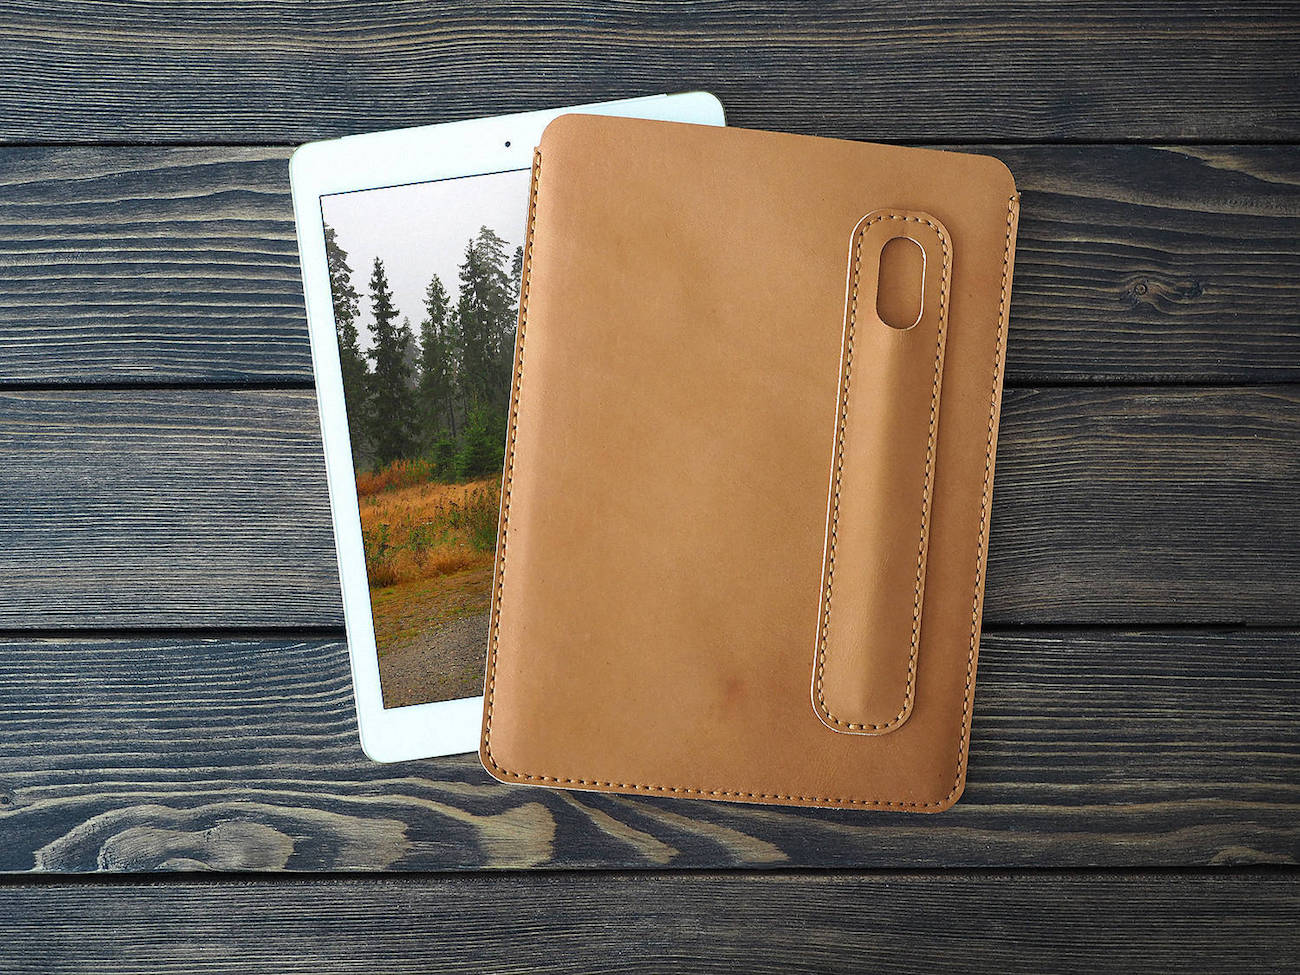 Leather iPad Pro Apple Pencil Case